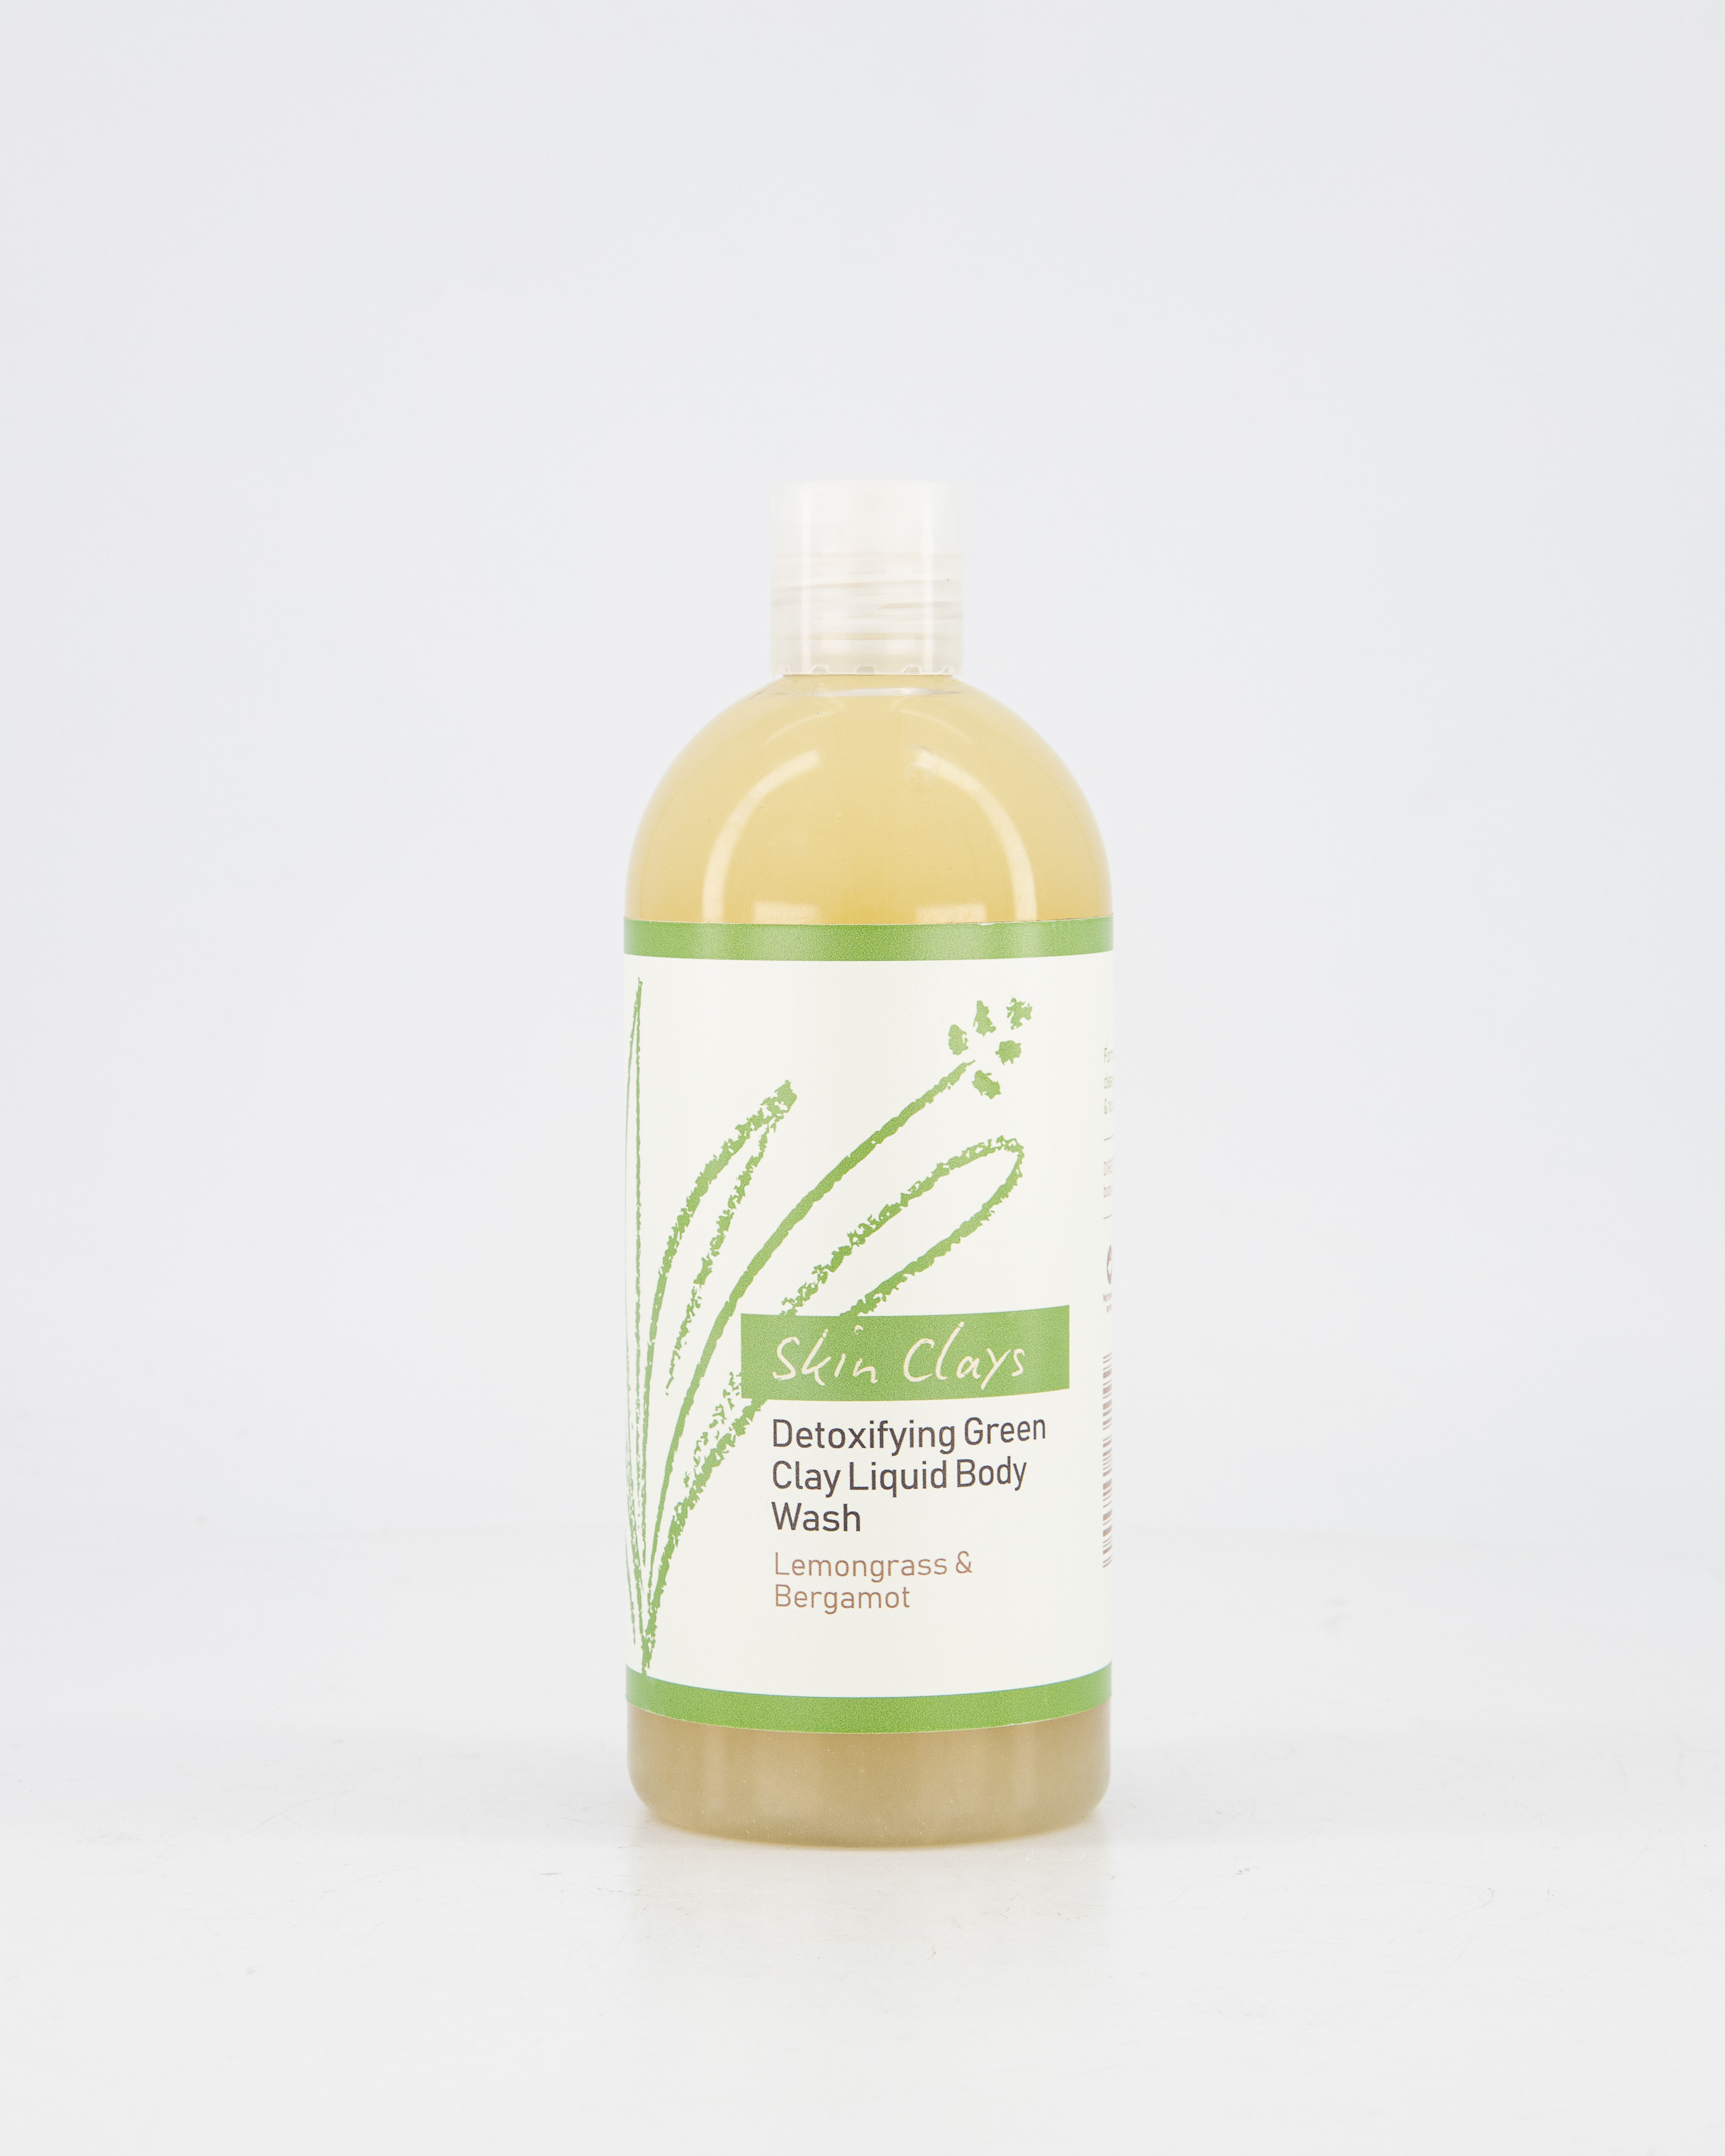 Detoxifying Green Clay Liquid Soap